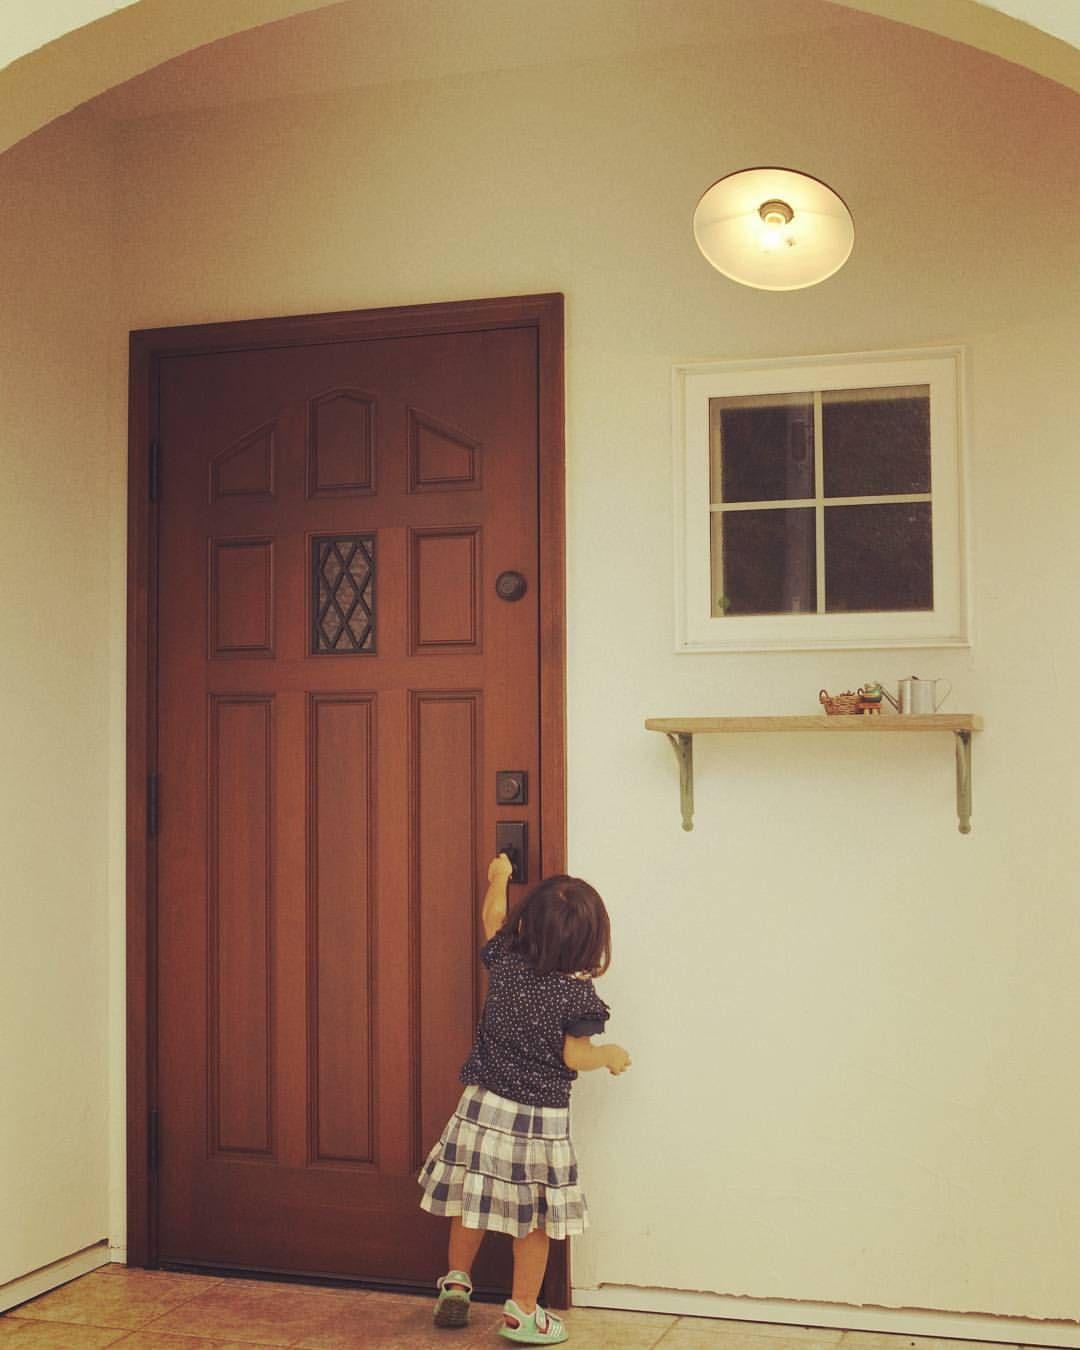 ちいさな手と大きなドア 天使みたいな後ろ姿 ナチュラル